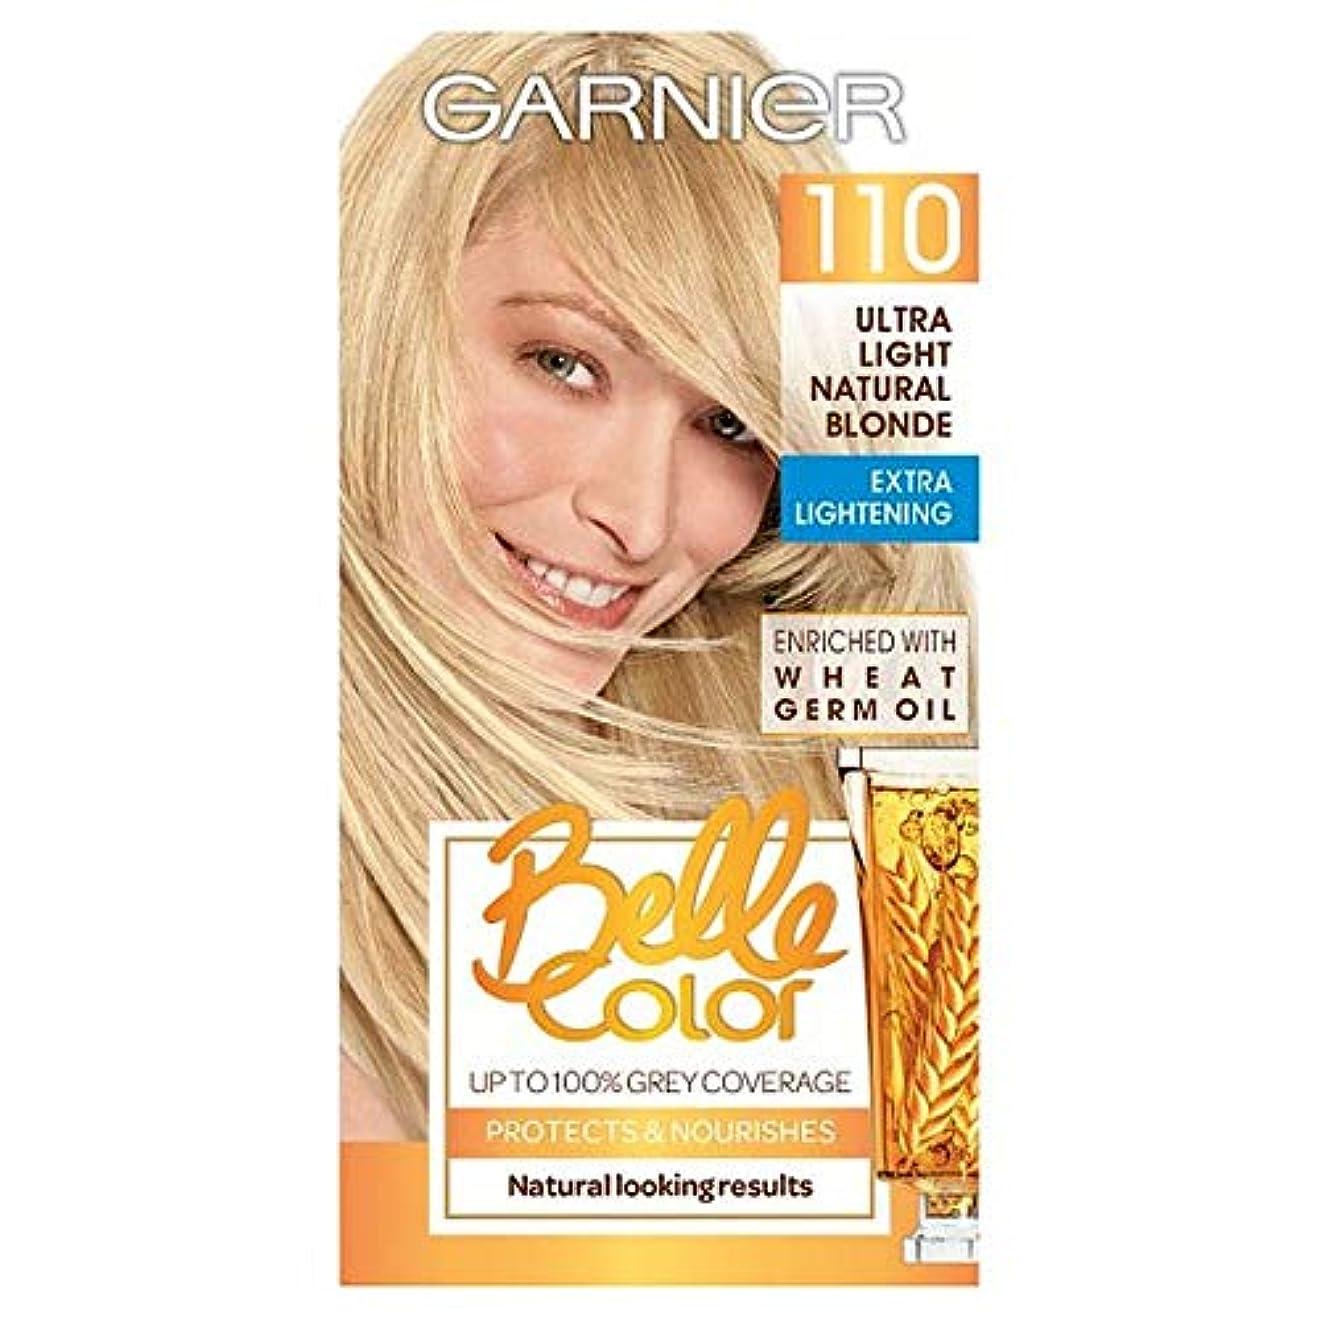 スラム街閉じ込める特異性[Belle Color ] ガーン/ベル/Clr 110超軽量天然ブロンドパーマネント毛髪染料 - Garn/Bel/Clr 110 Ultra Light Natural Blonde Permanent Hair...